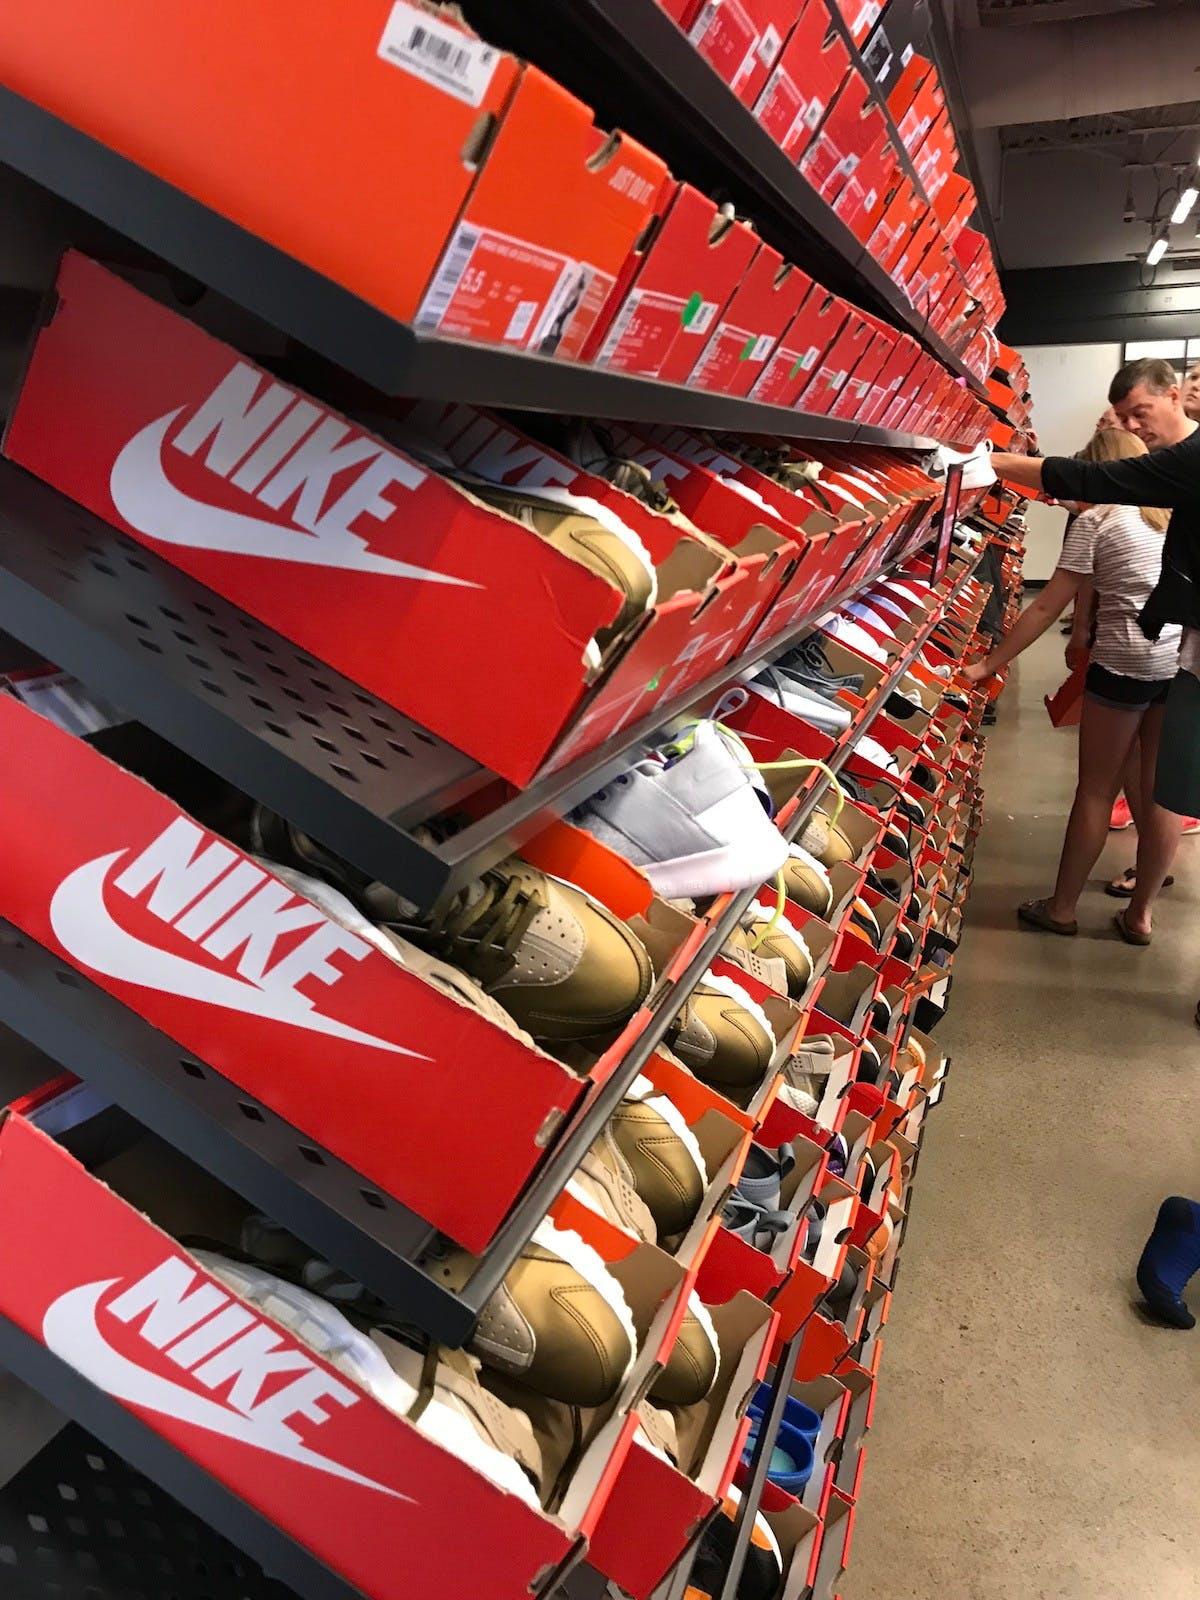 traición conveniencia Adaptabilidad  nike clearance store black friday Shop Clothing & Shoes Online